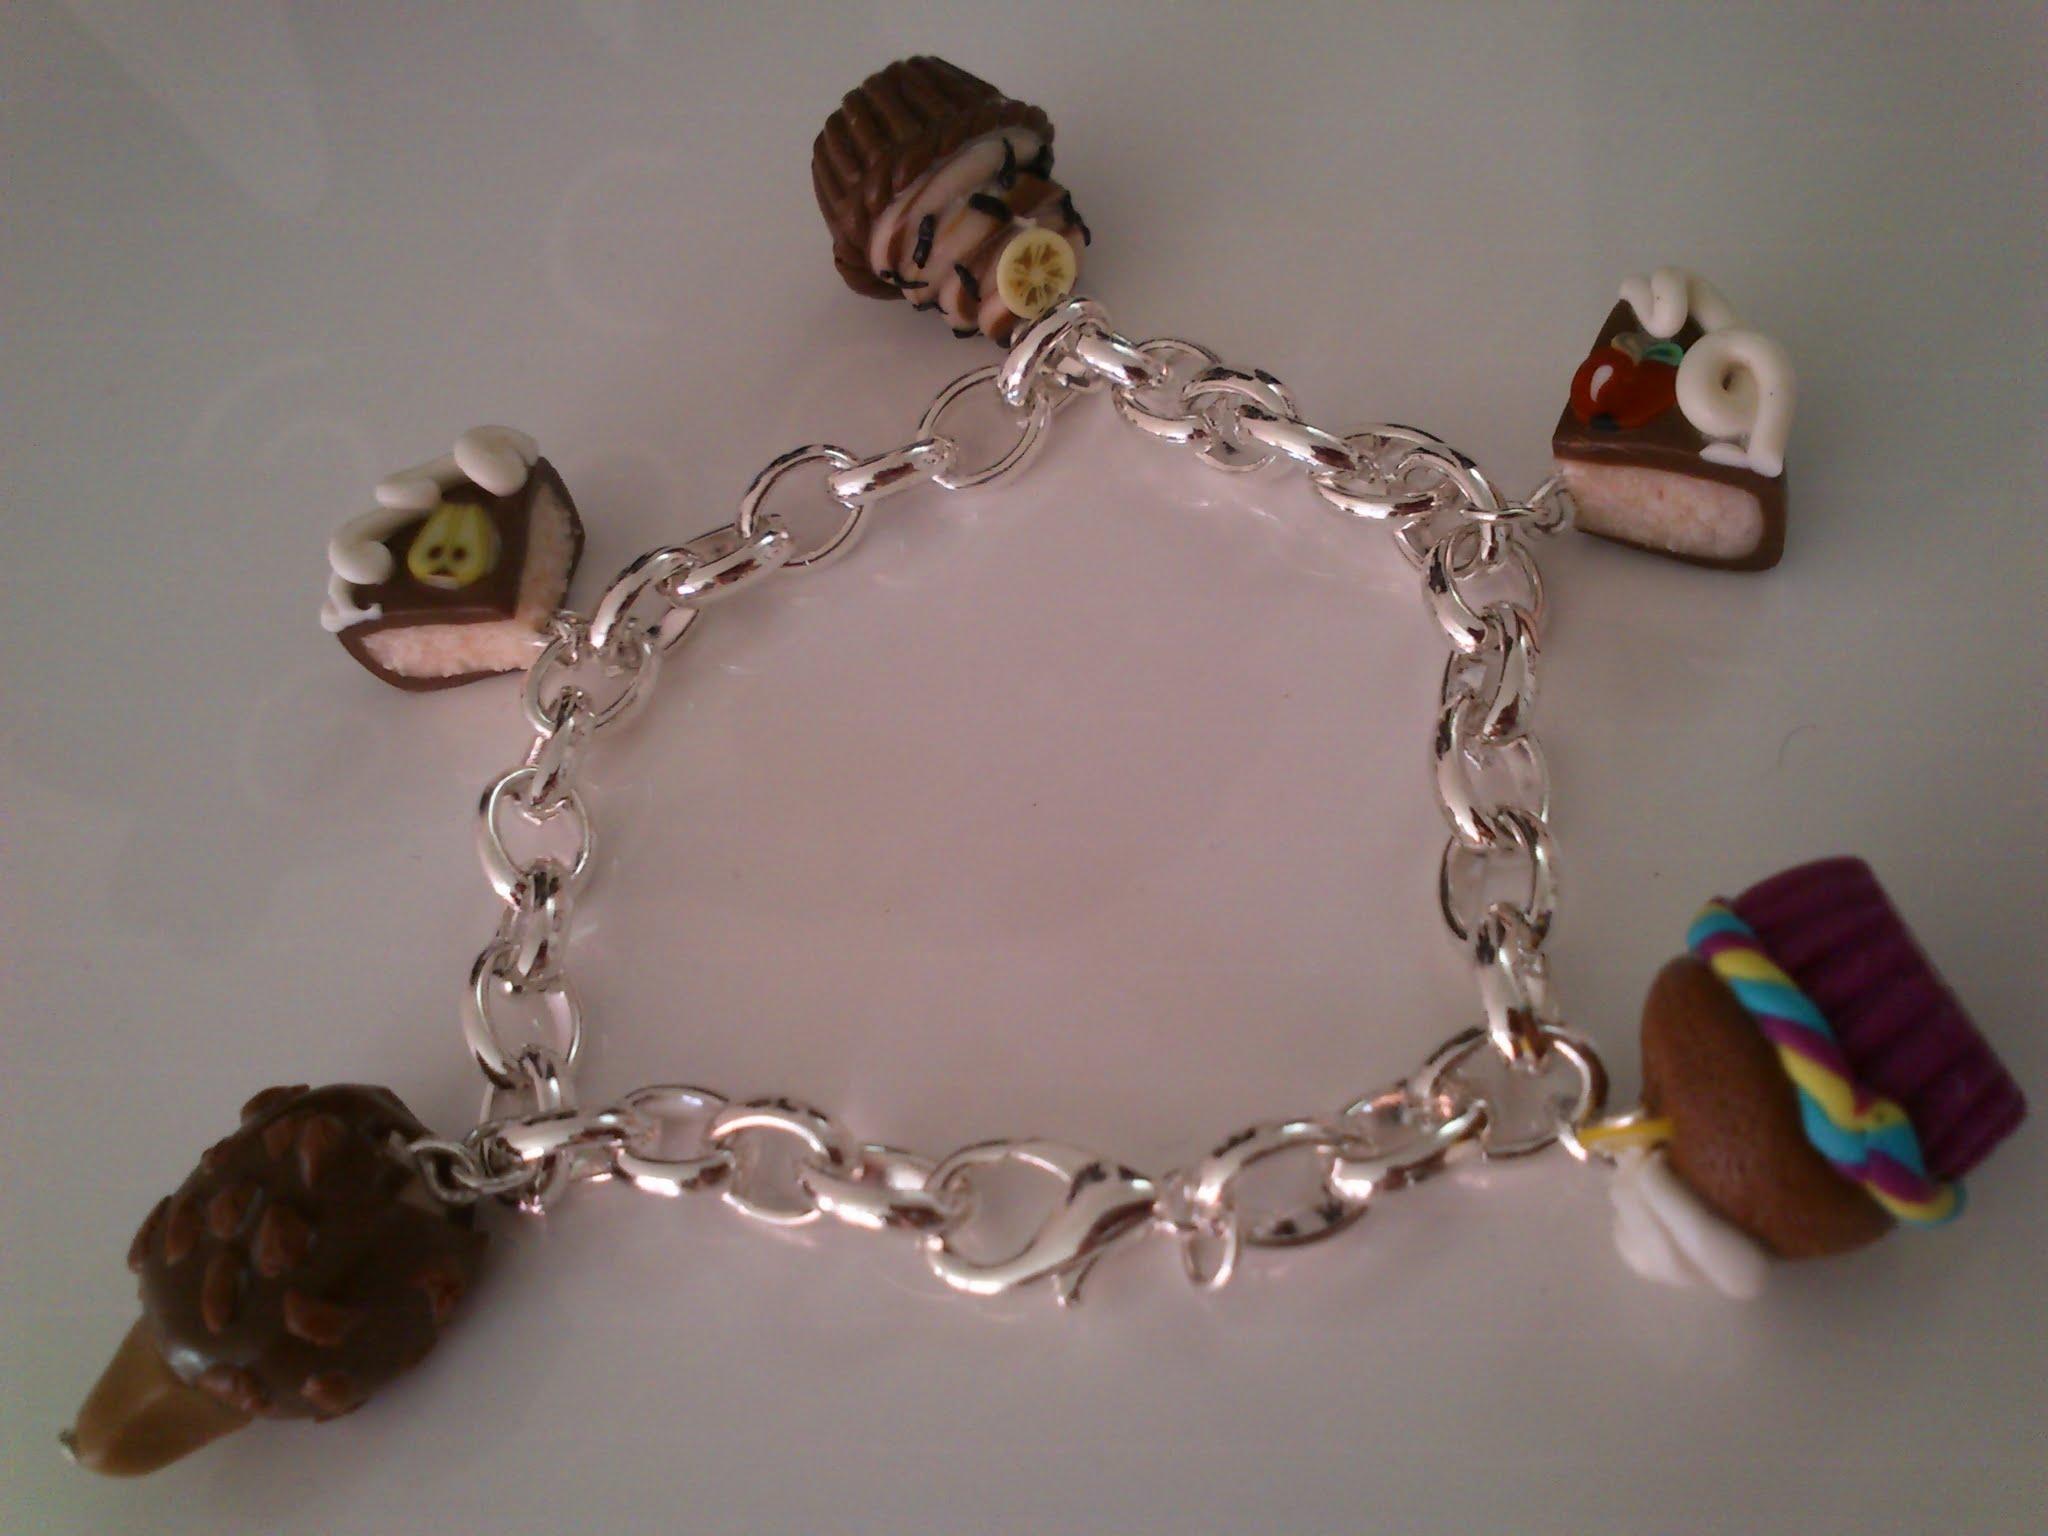 Creer un bracelet en pate fimo